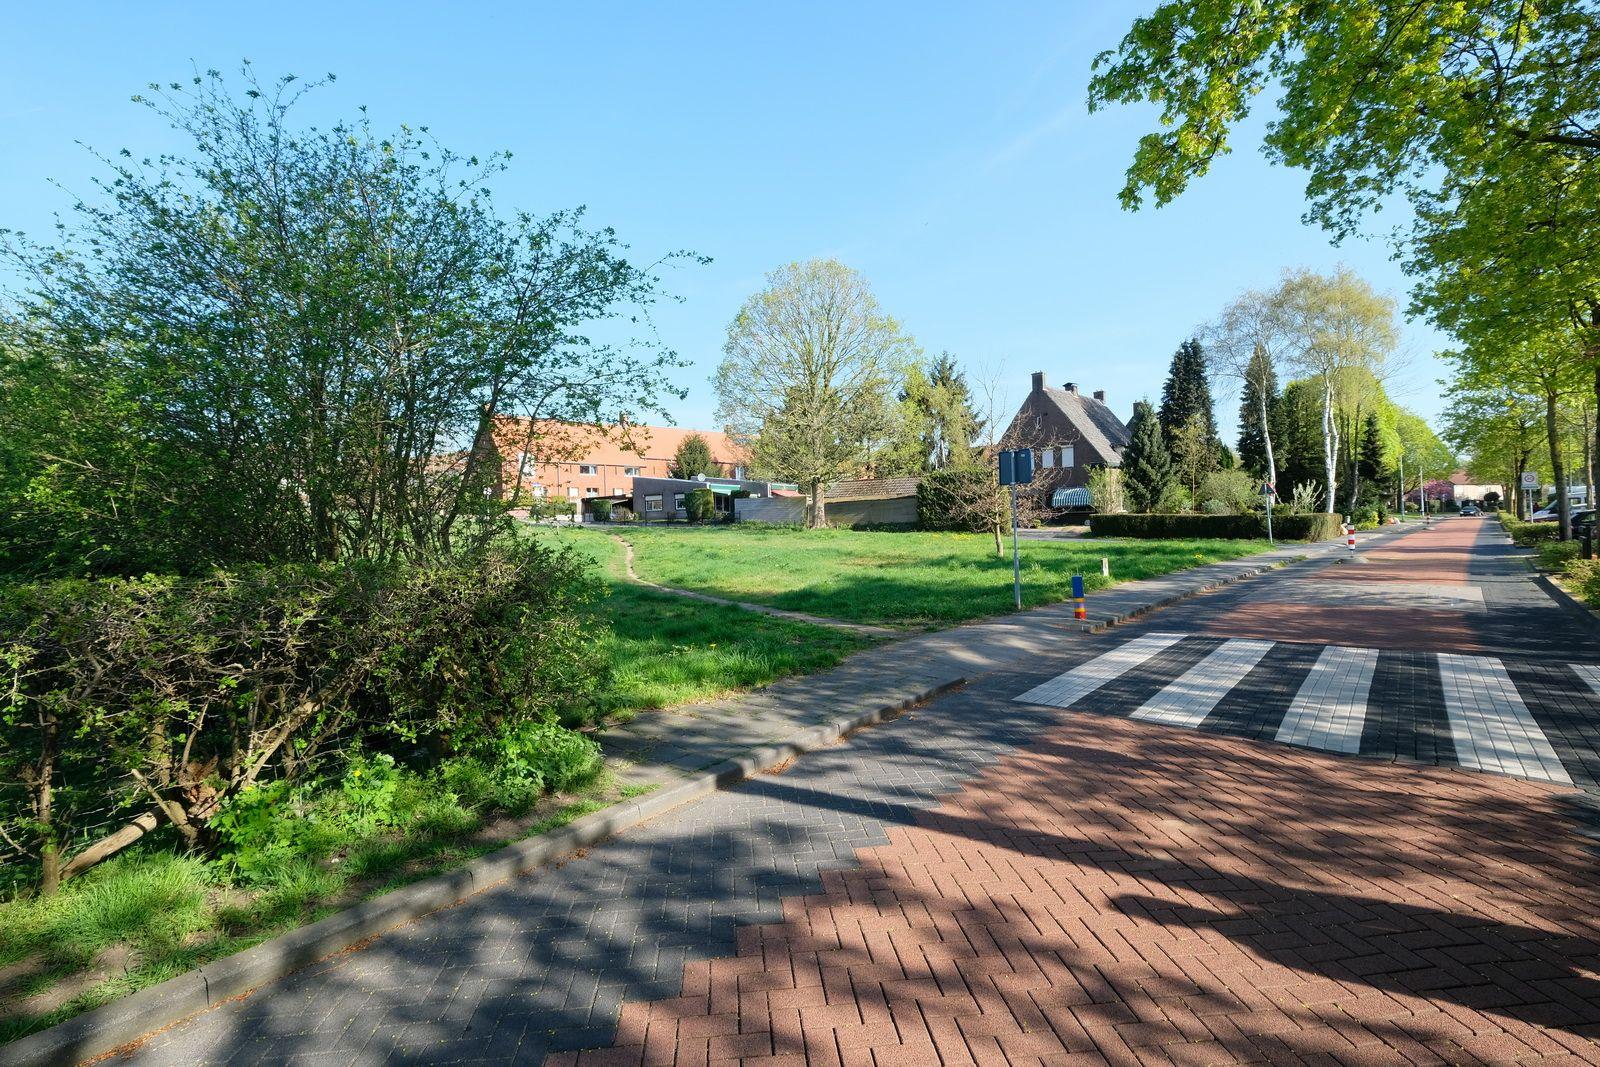 Bram Streeflandweg kavel 2 0-ong, Renkum